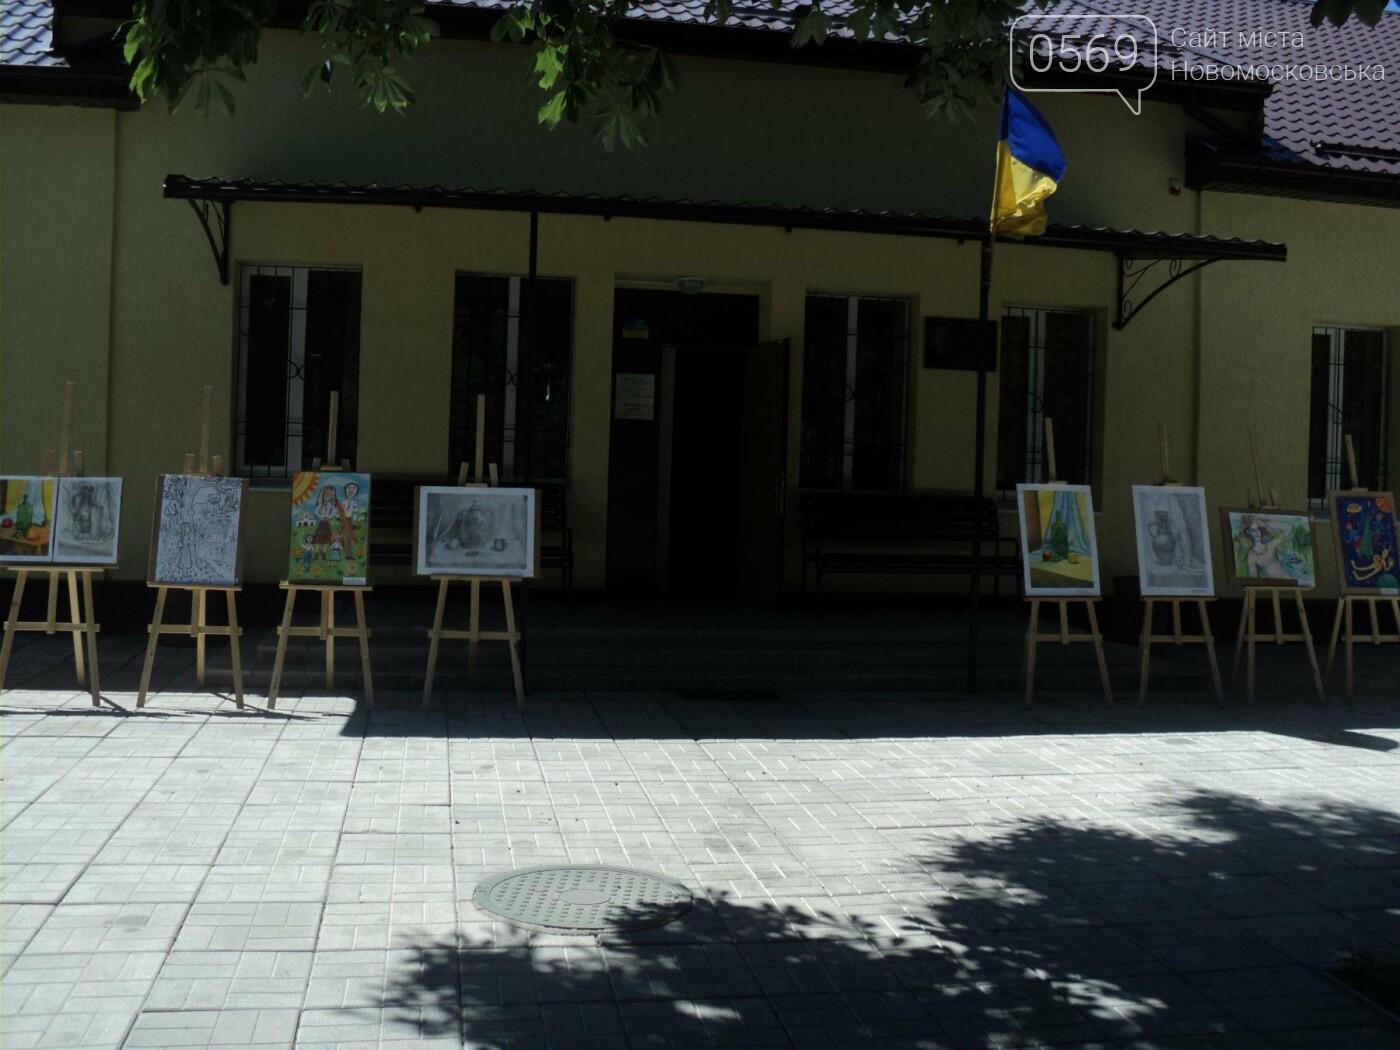 В Новомосковську відкрилась виставка дитячих малюнків, фото-2